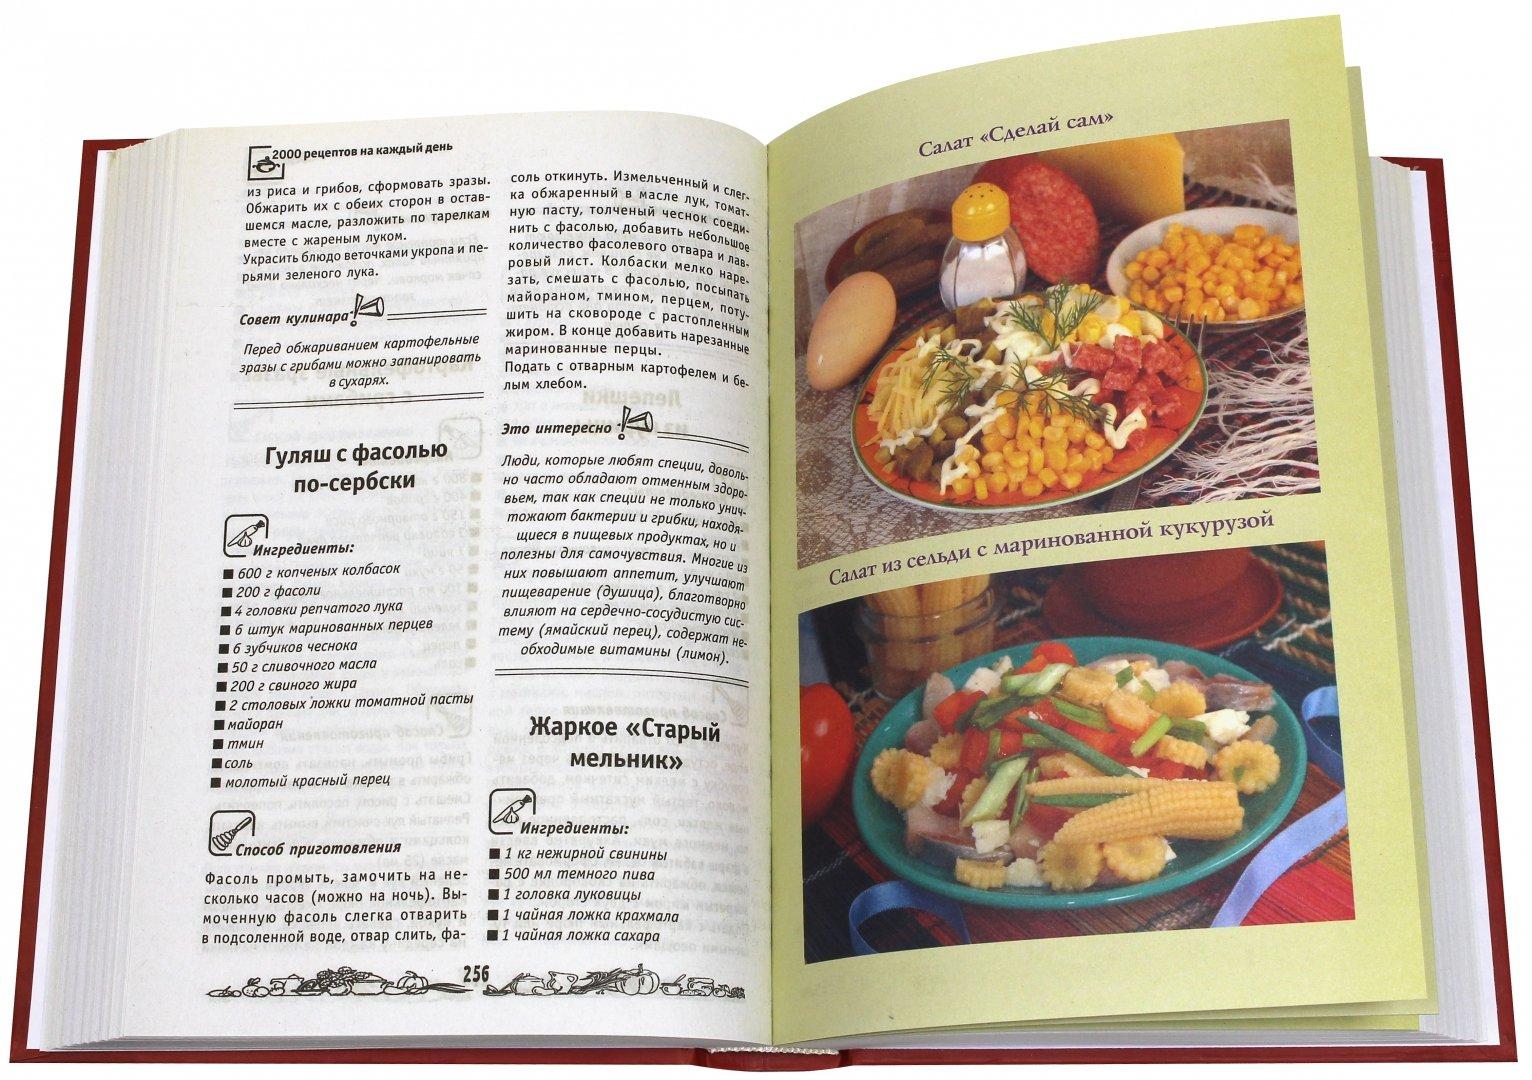 работала название кулинарные рецепты картинка критикуют его